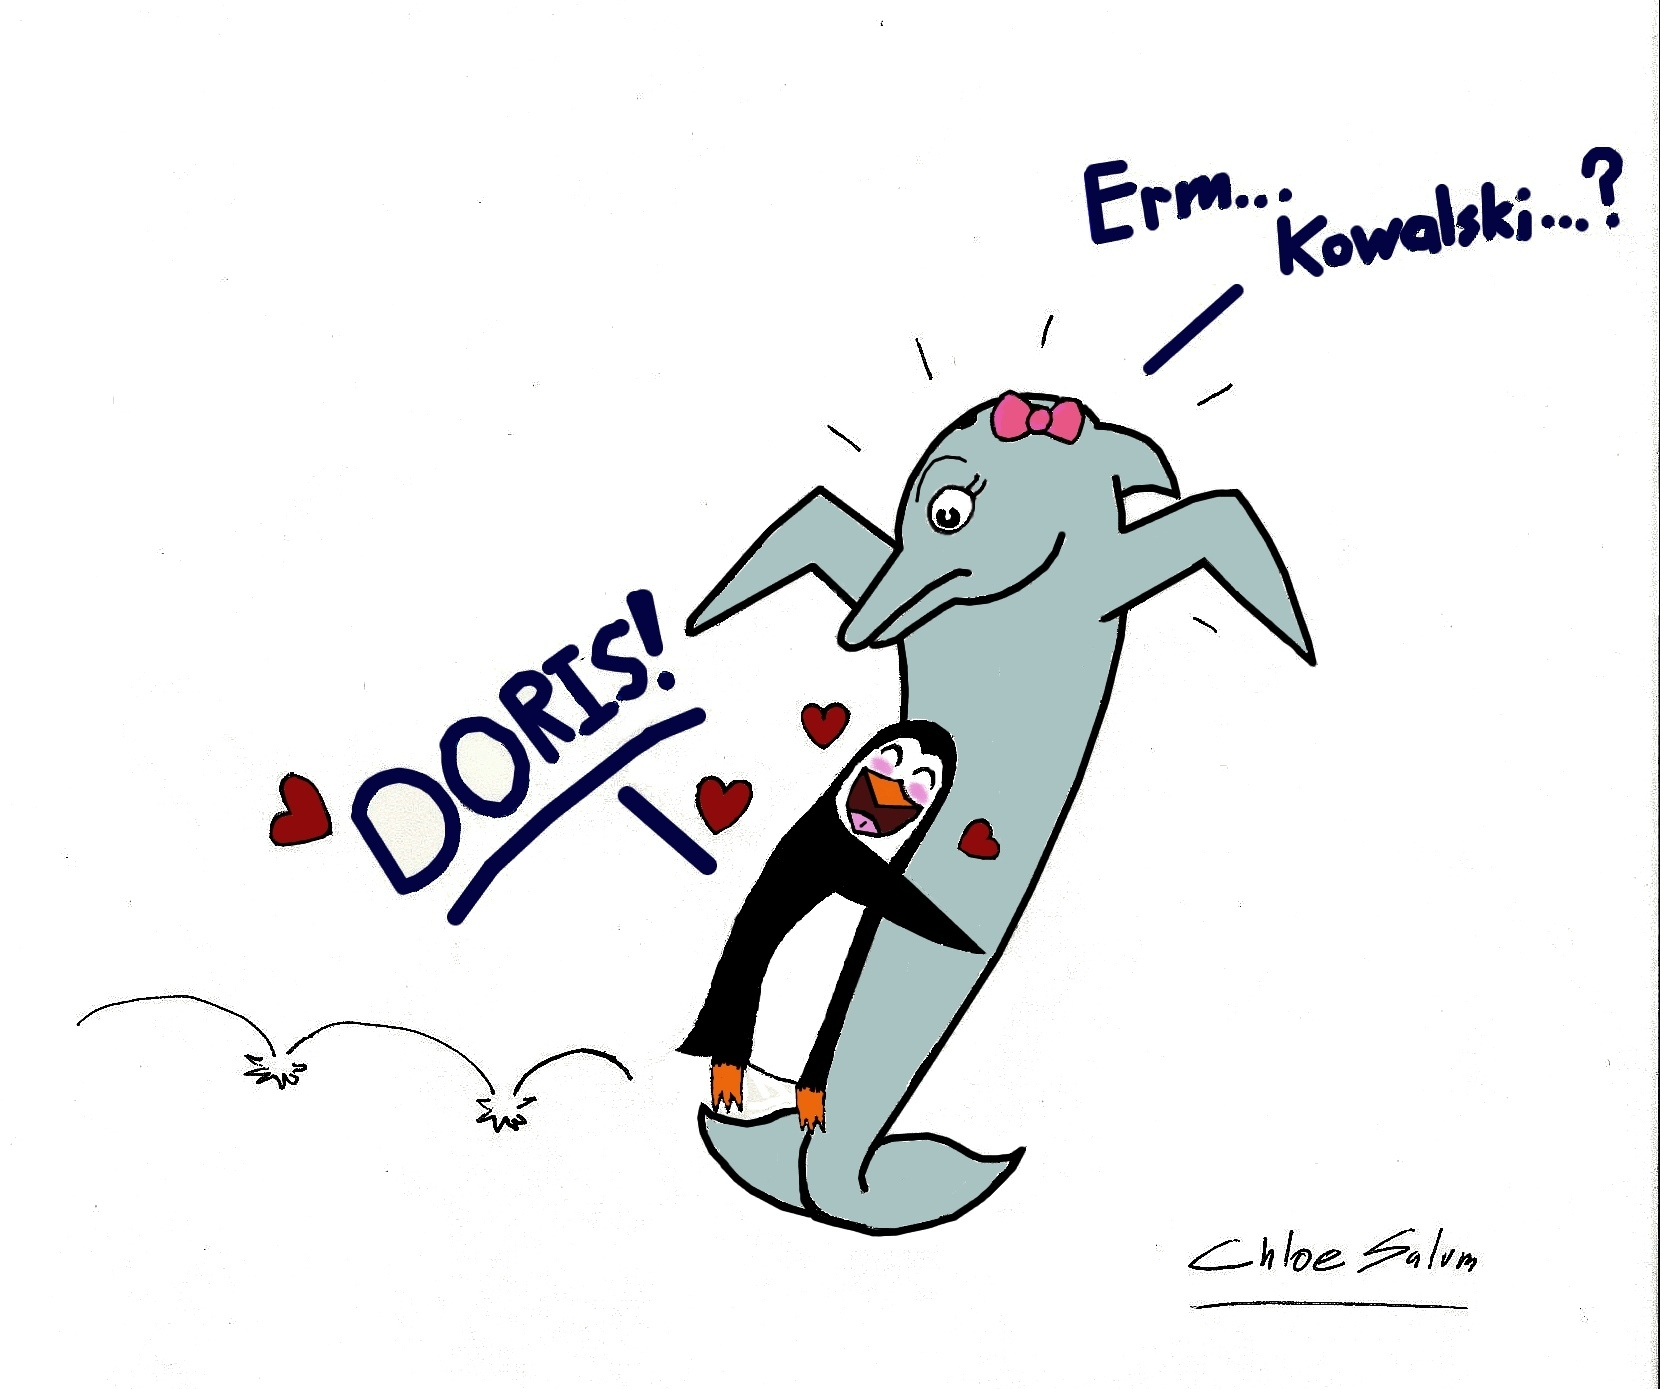 Dorski